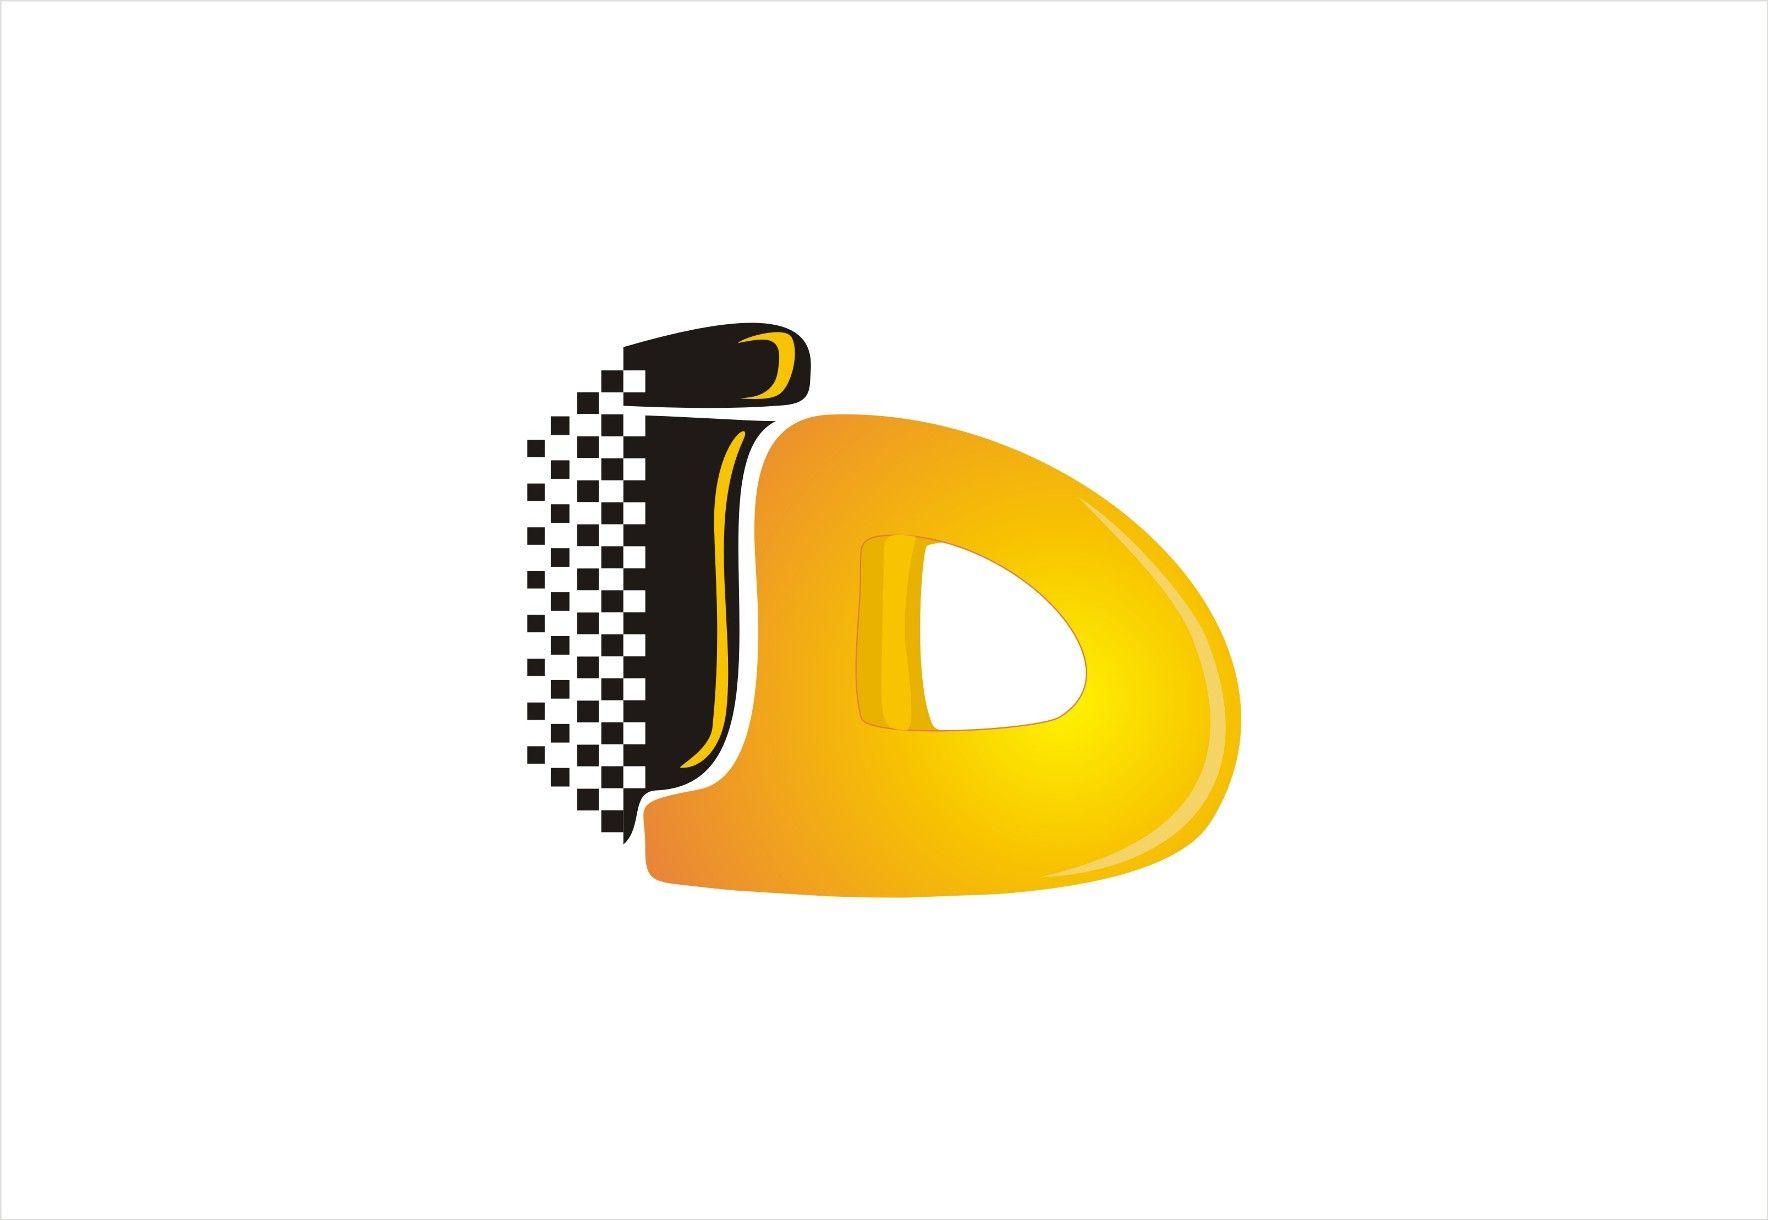 Лого и фирменный стиль для iD Такси - дизайнер MagZak